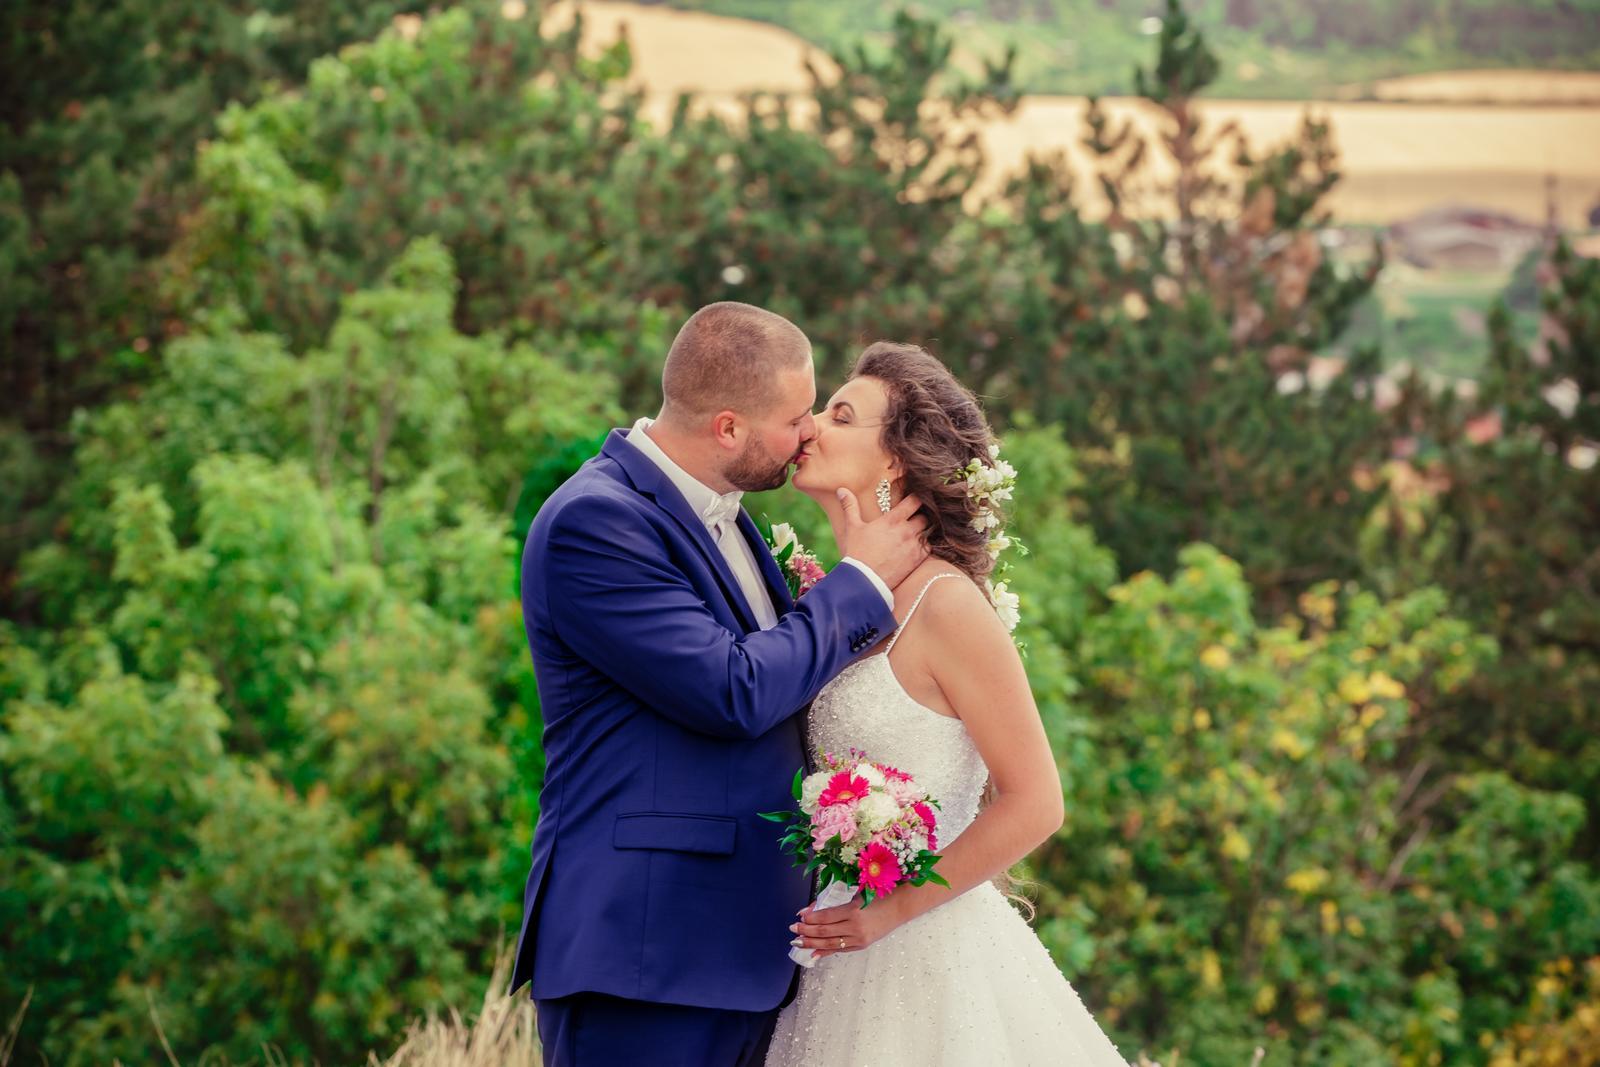 Naša svadba 1.7.2017 - Obrázok č. 16